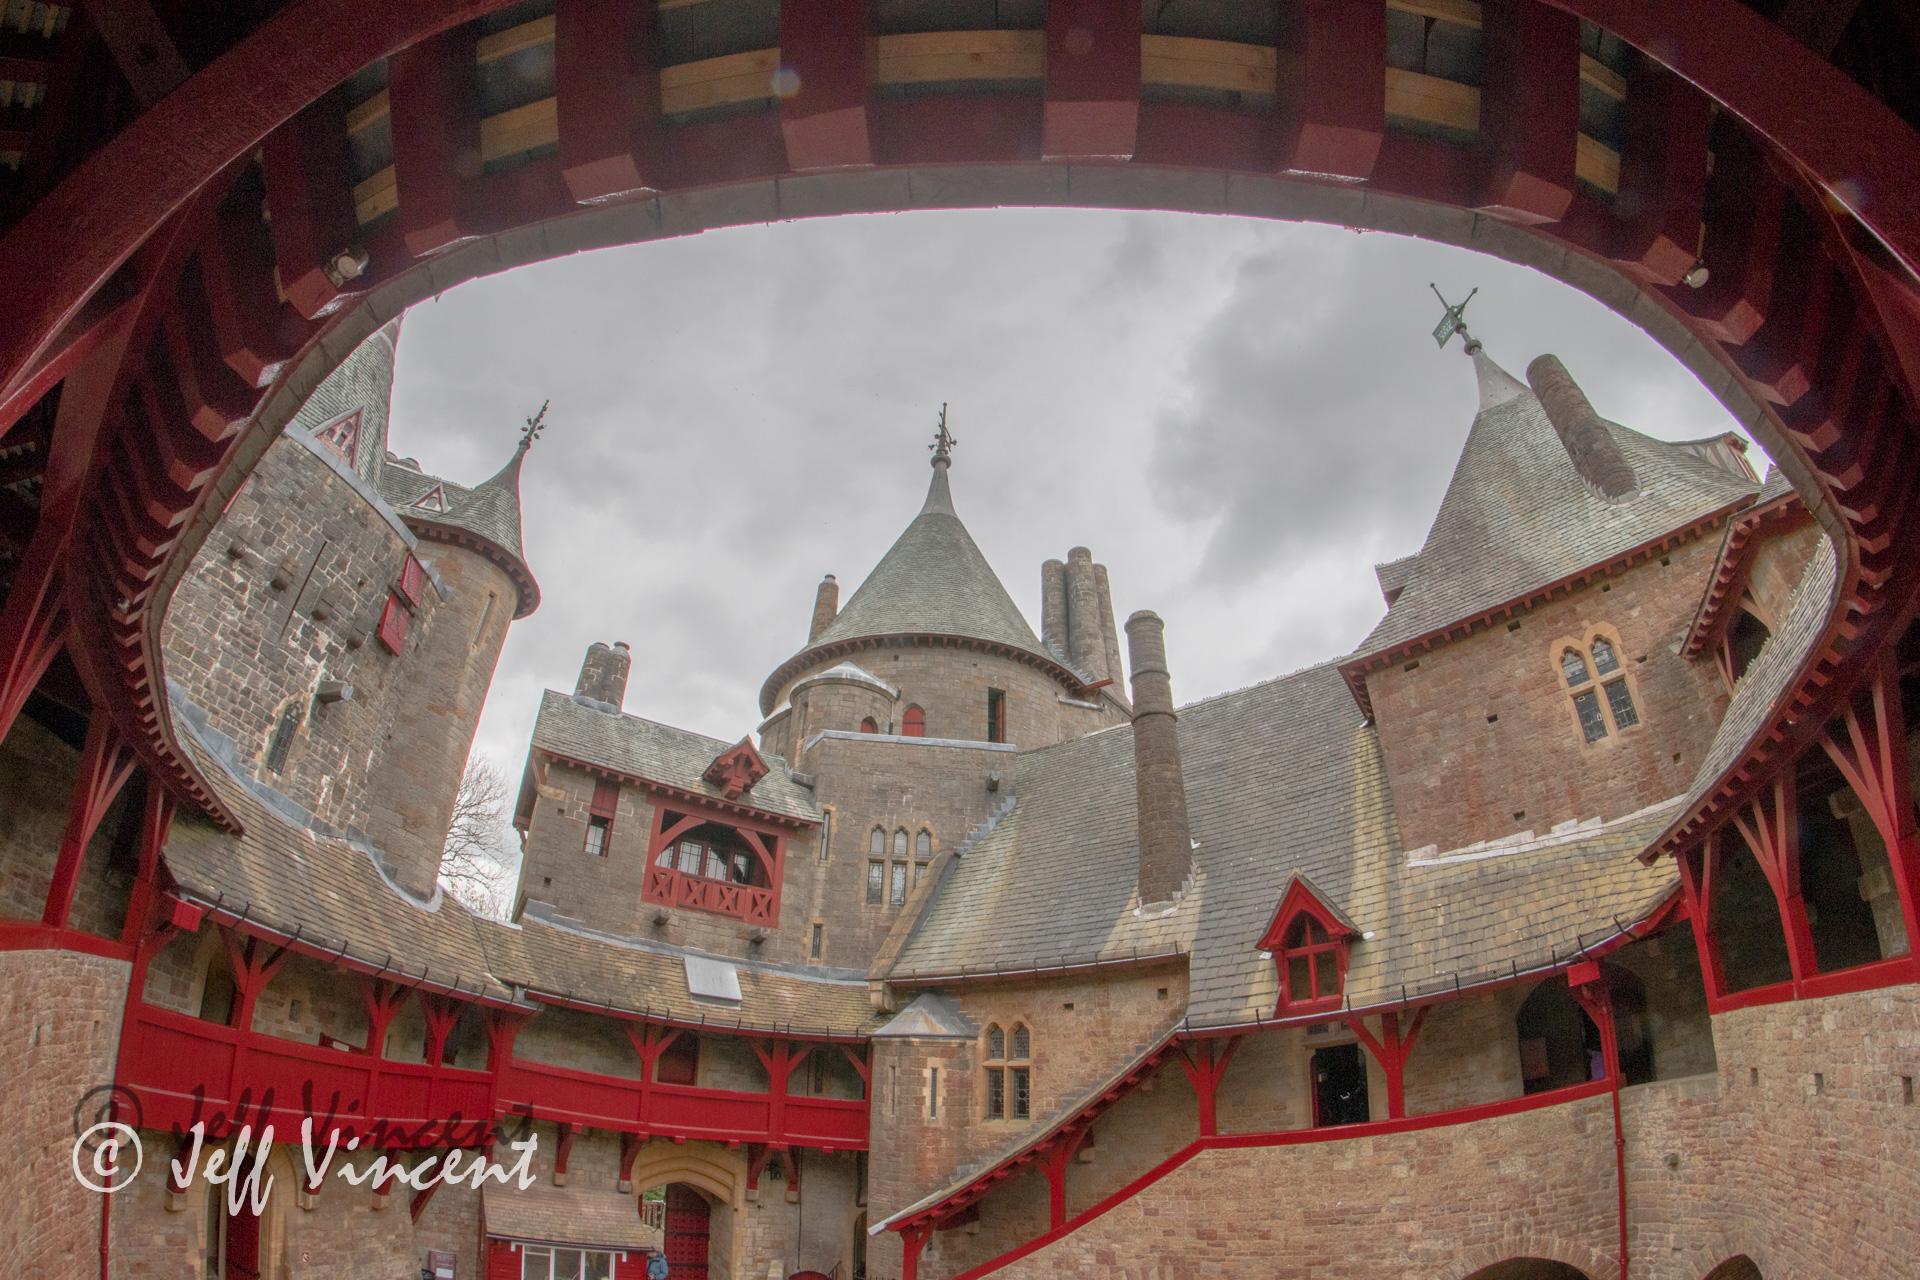 Castell Coch